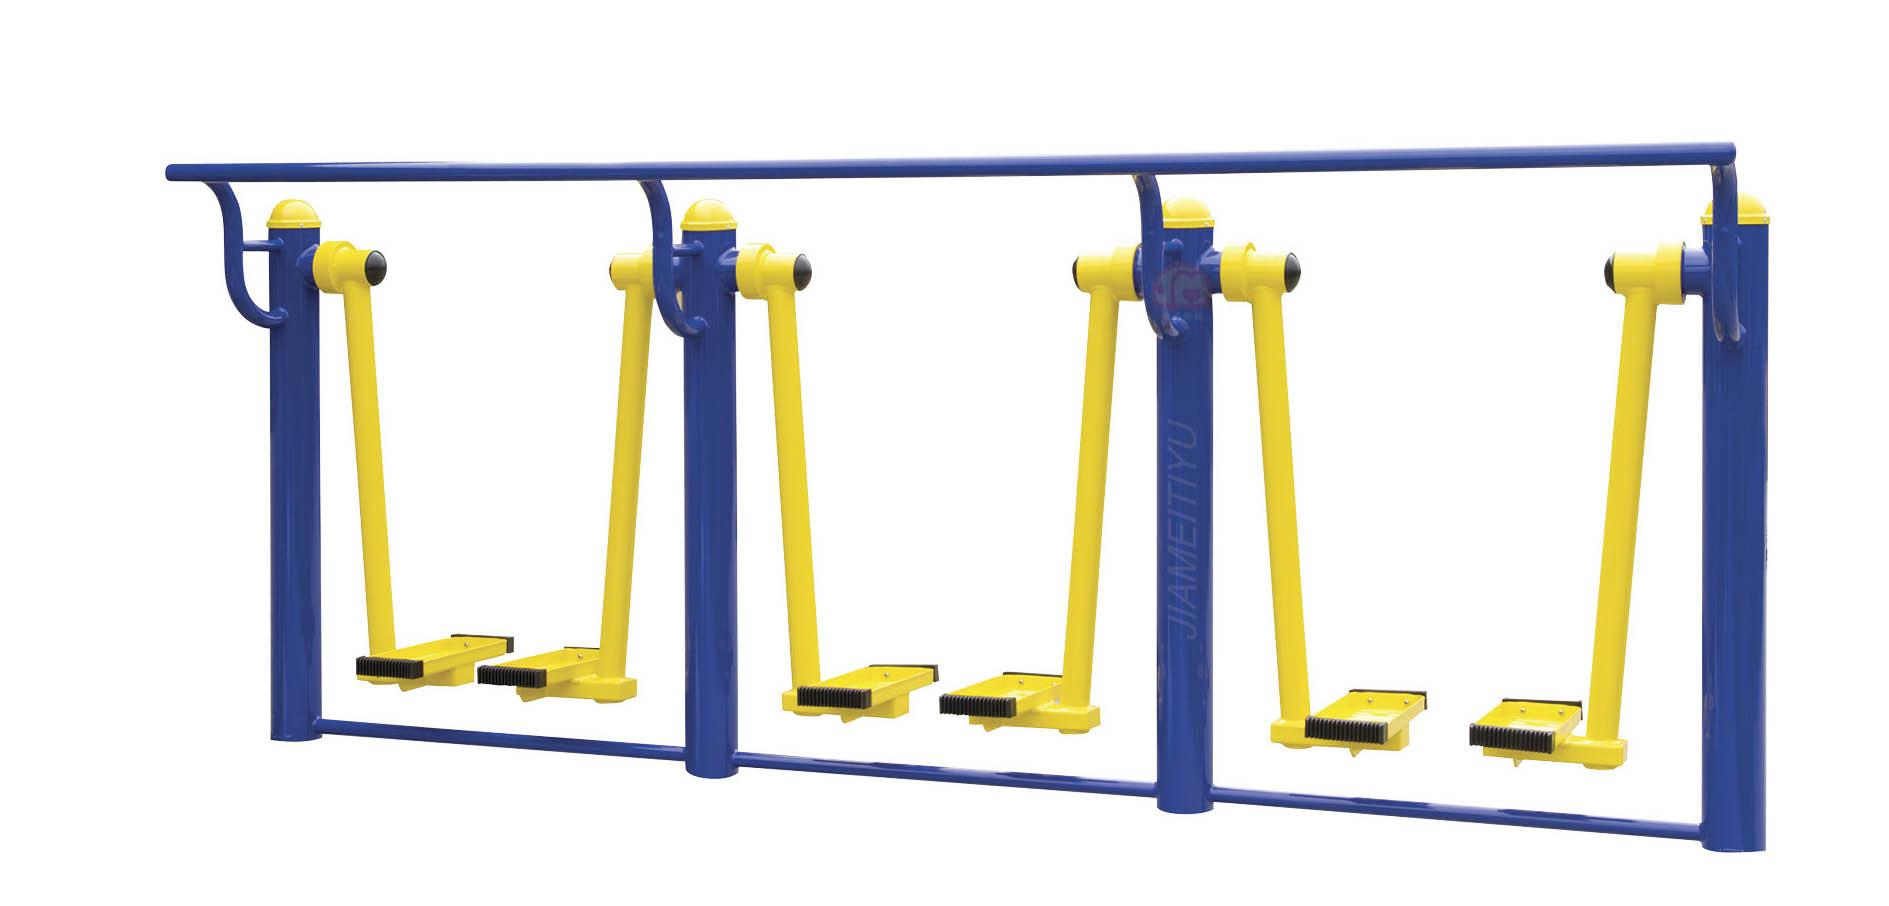 Nscc Rambler Outdoor Fitness Equipment